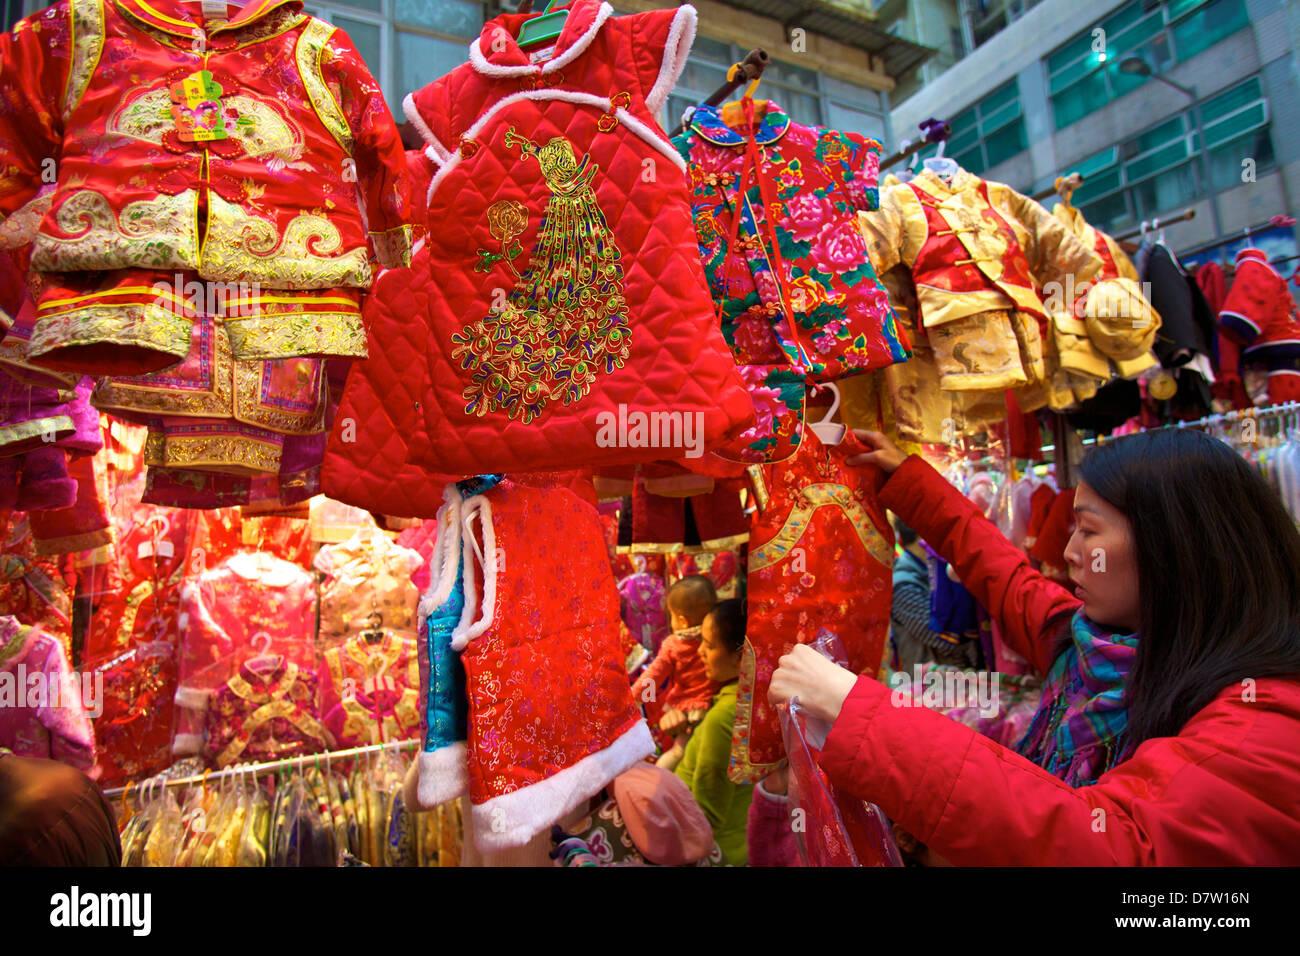 Traditional Chinese New Year clothes, Hong Kong, China - Stock Image